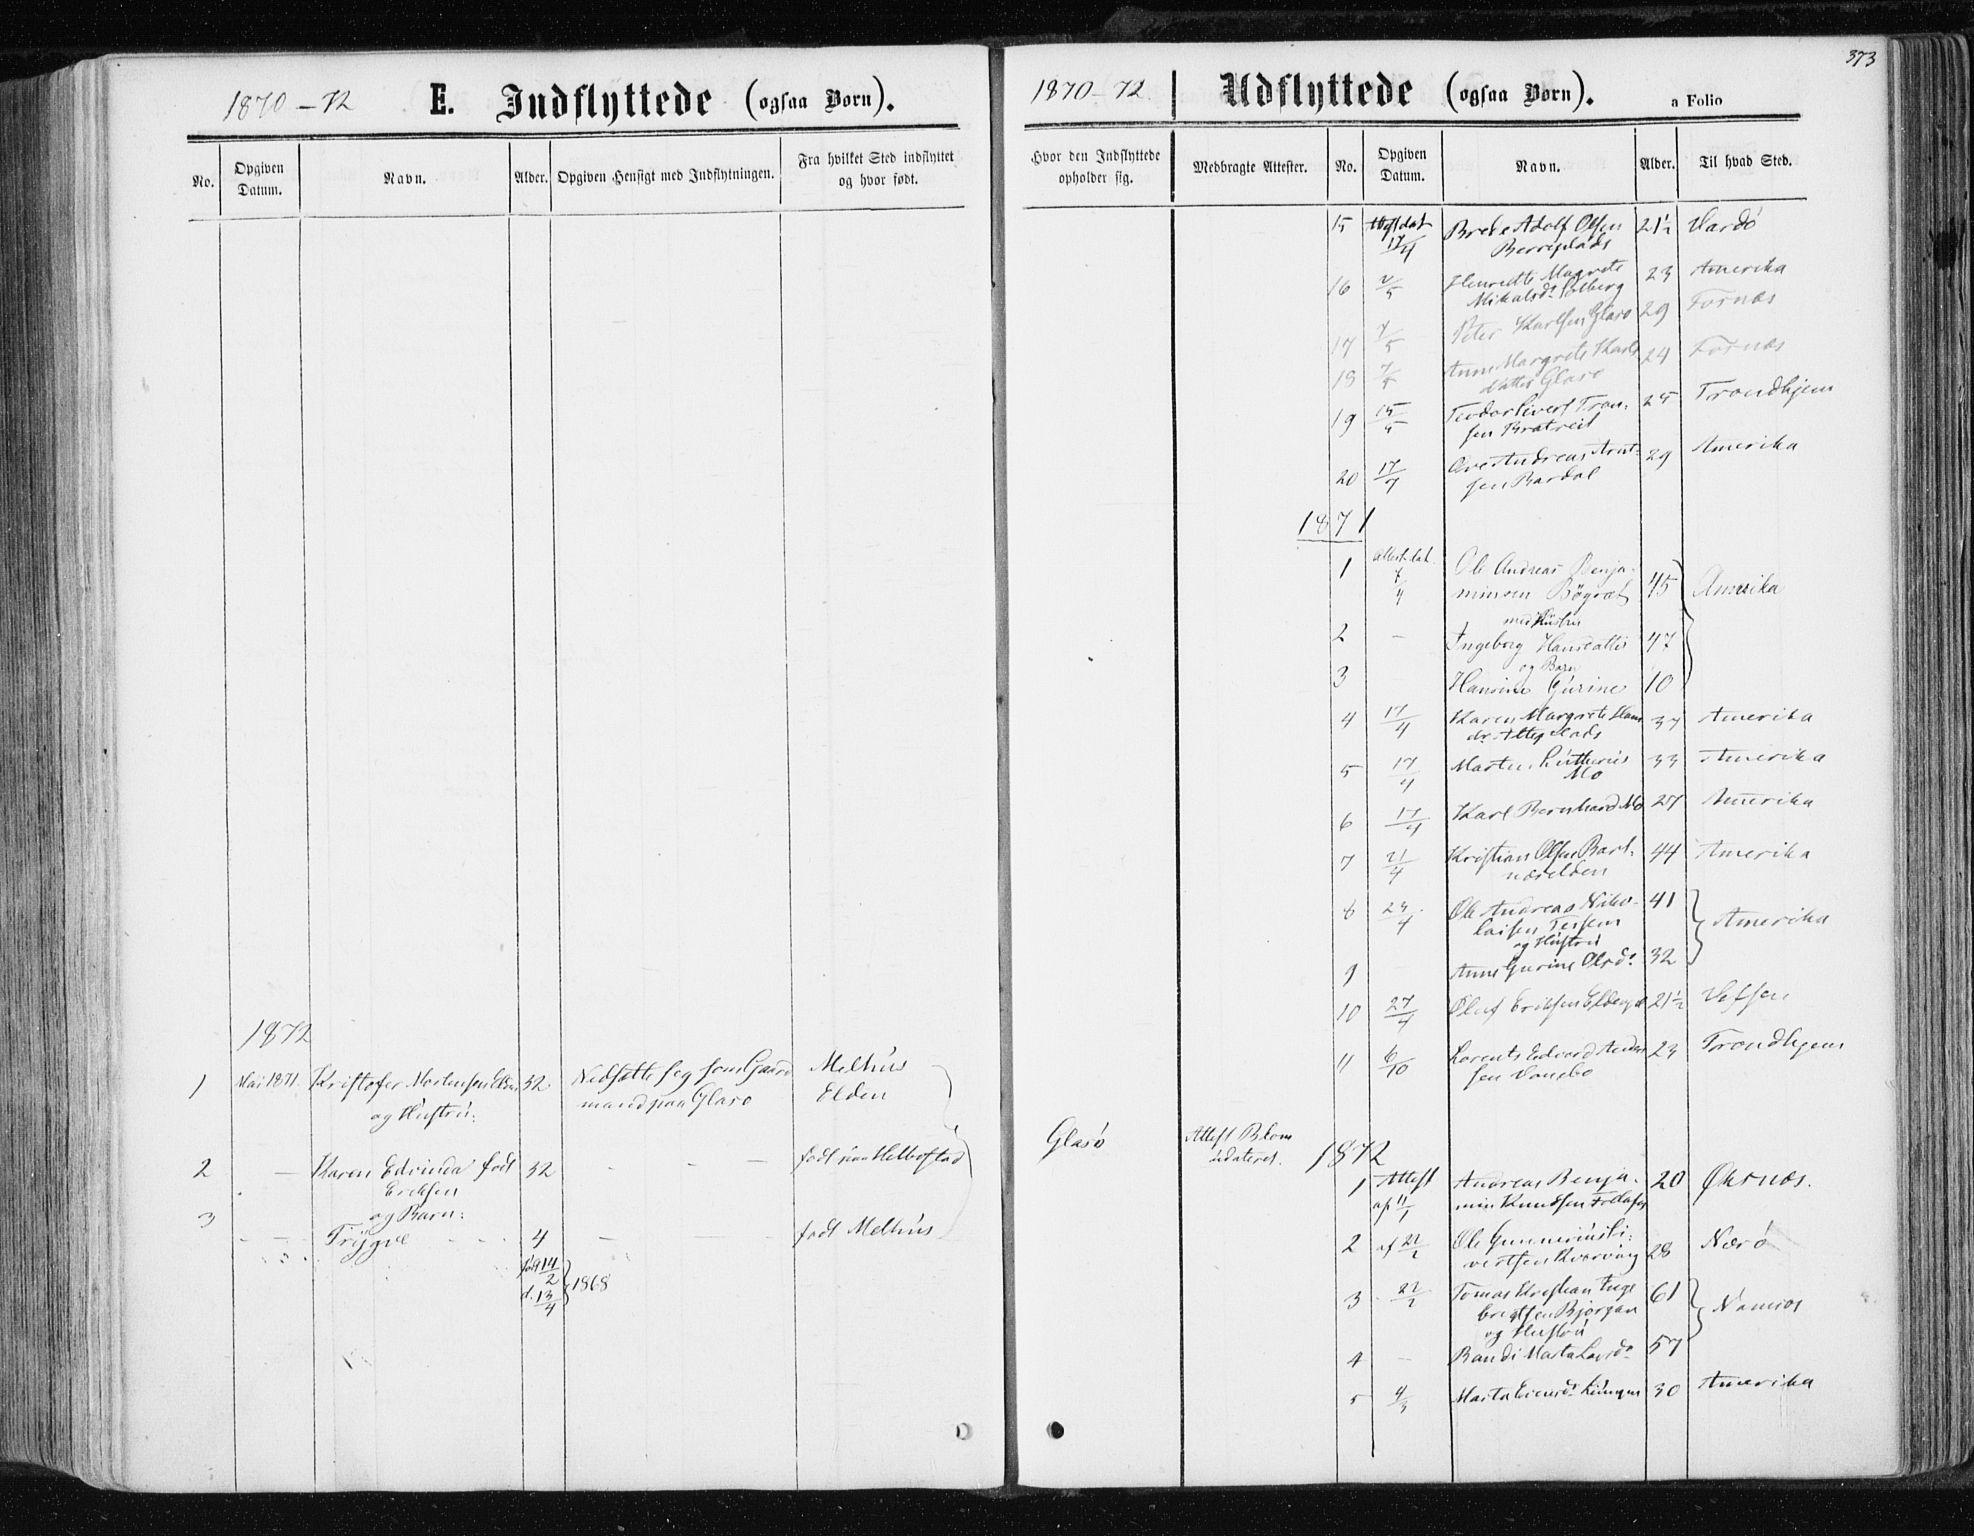 SAT, Ministerialprotokoller, klokkerbøker og fødselsregistre - Nord-Trøndelag, 741/L0394: Ministerialbok nr. 741A08, 1864-1877, s. 373